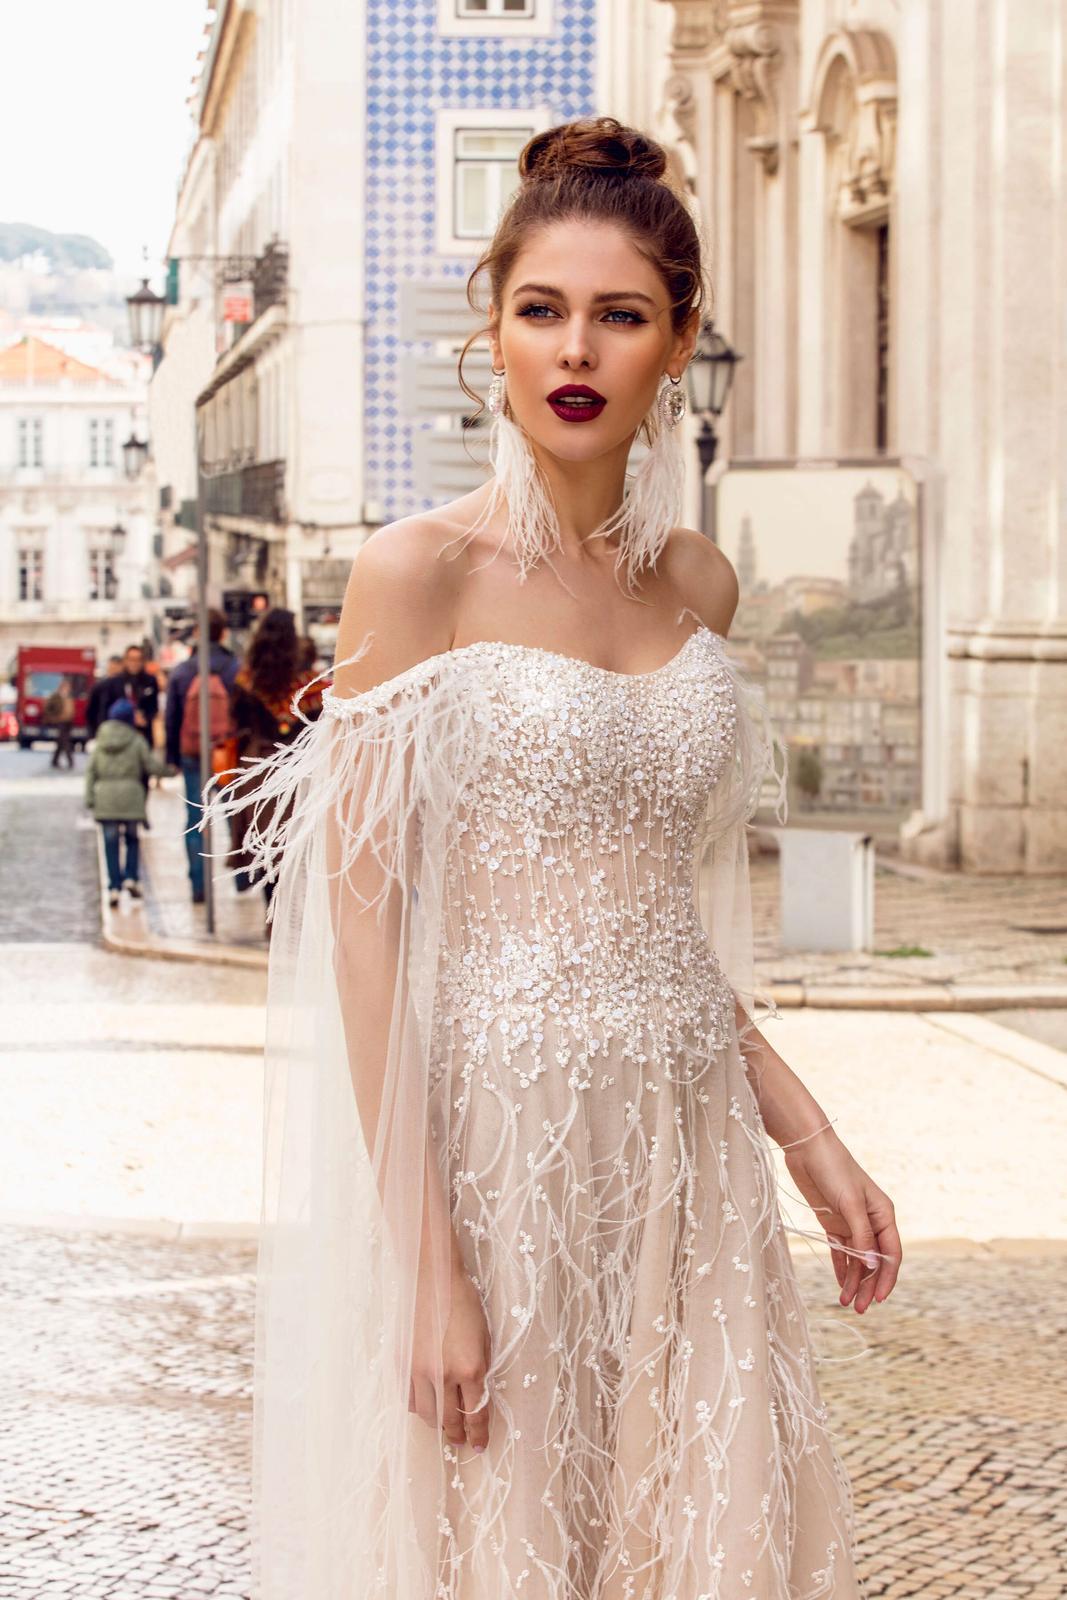 Innocentia Divina 2019 * Svadobné šaty z kolekcií na rok 2019 - Obrázok č. 23